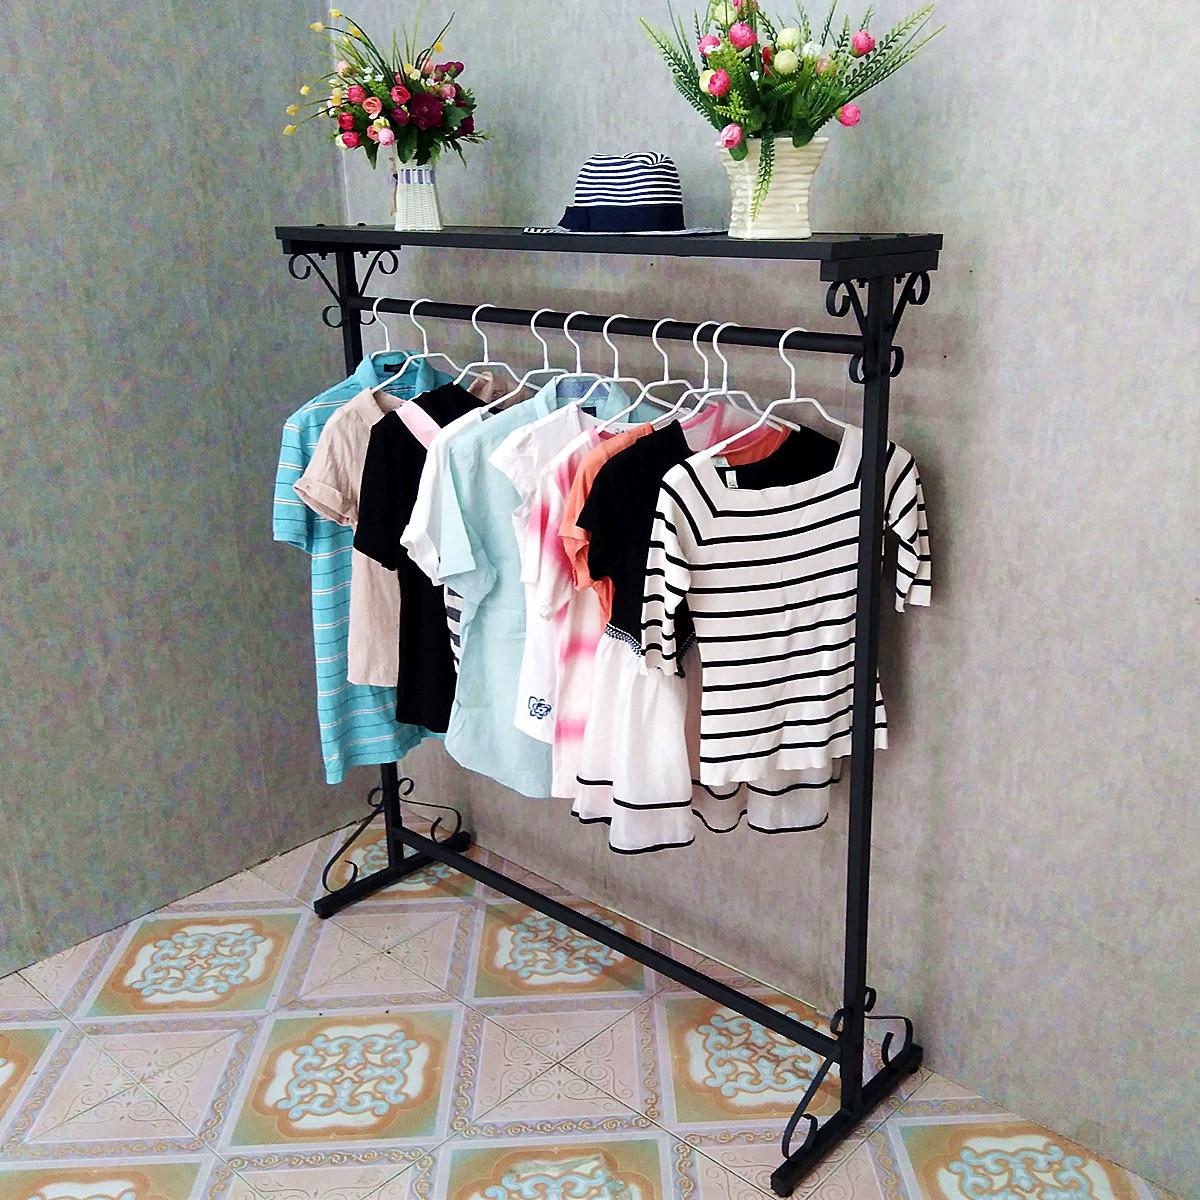 Вешалка весить одежду полка этаж турник стиль спальня хранение творческий легко одежда полка воздуха велогонка полка находятся полка в